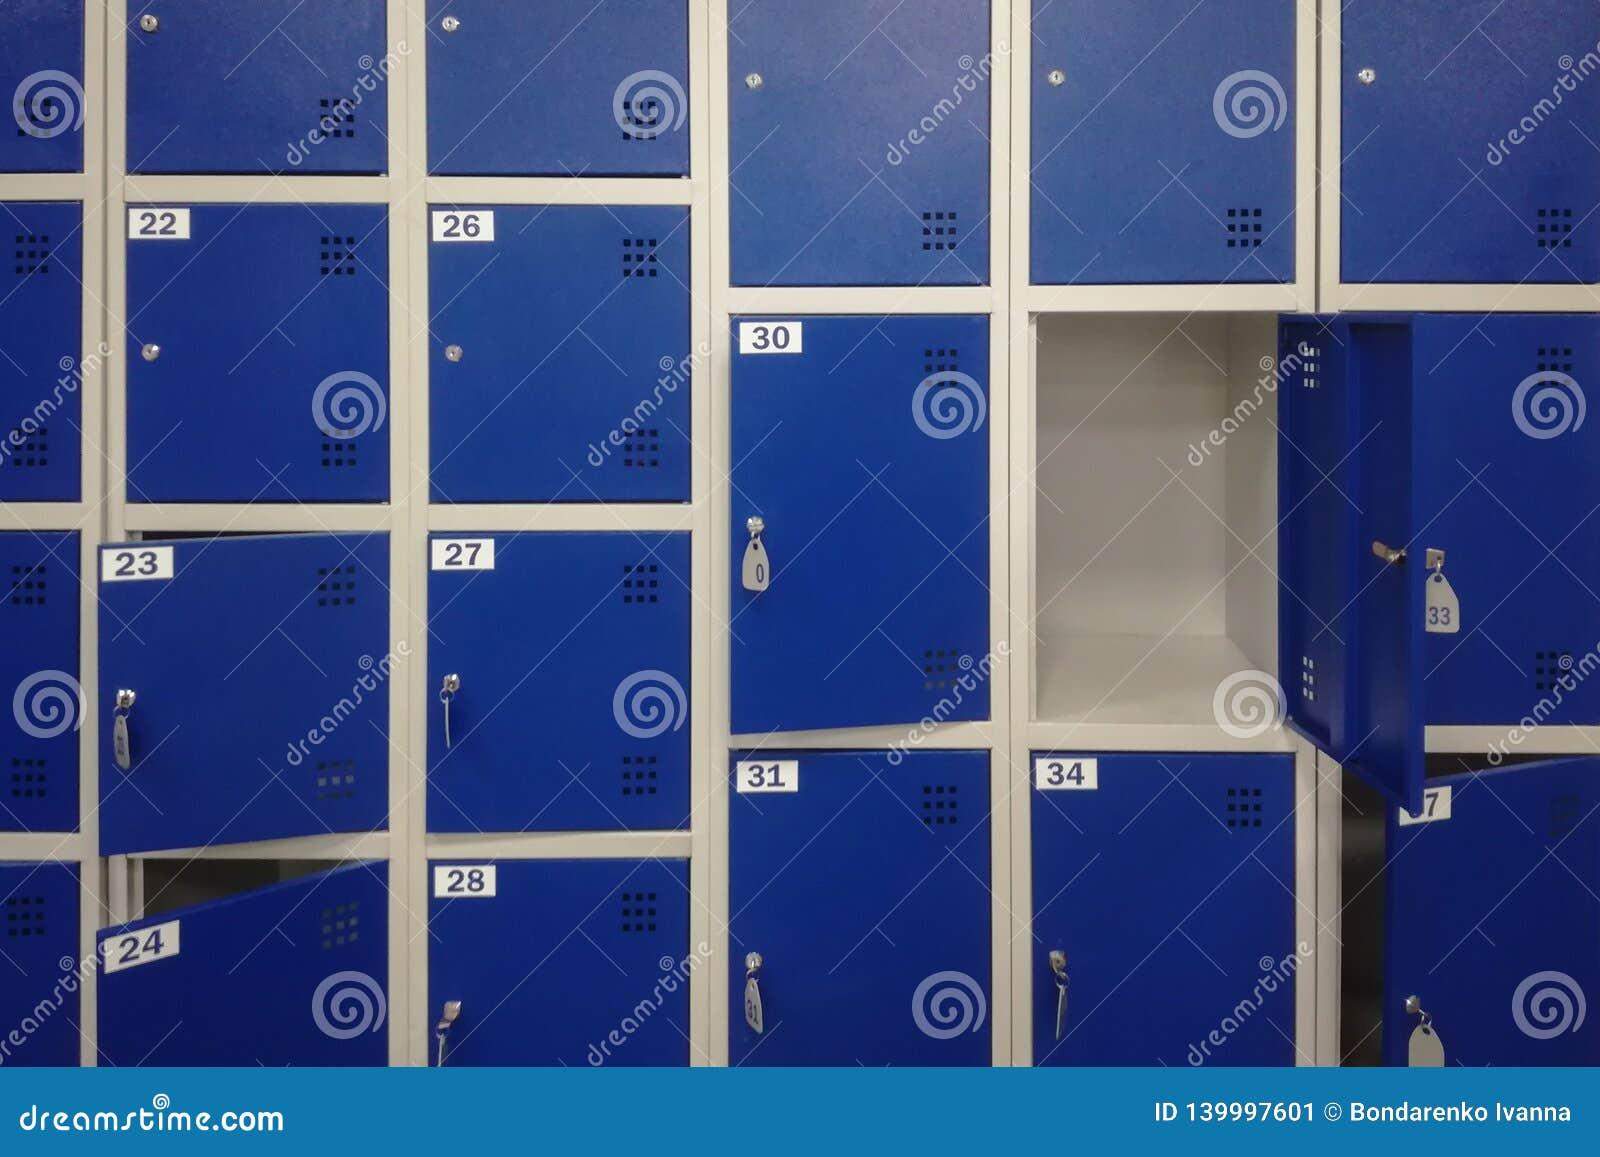 Cellules dans un entreposage en bleu bagage de couleur avec les clés et un fond de porte ouverte